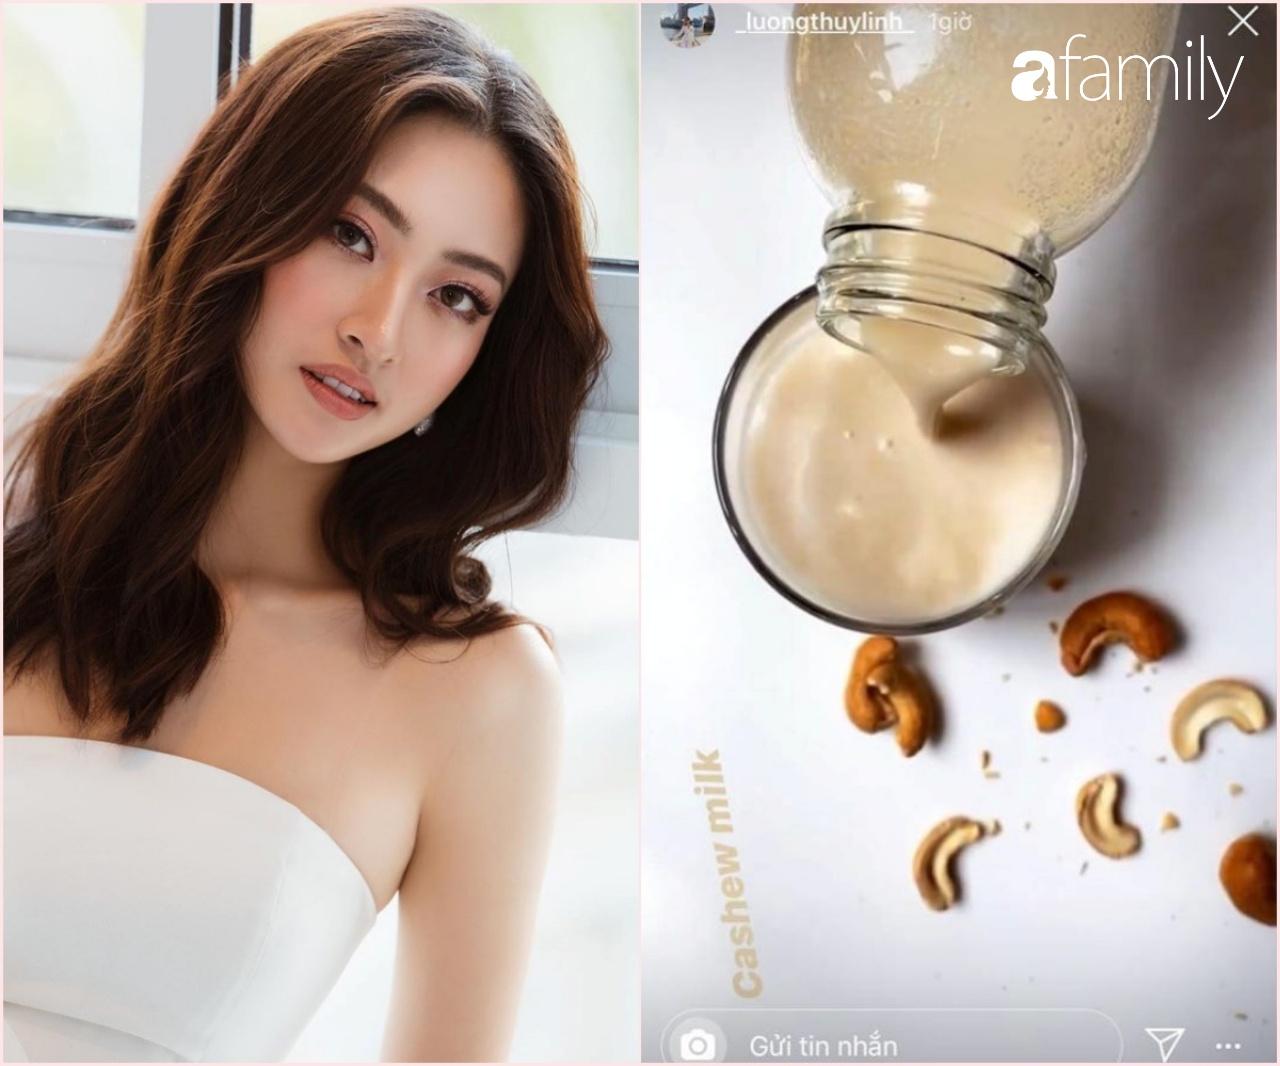 Hà Tăng mê sữa hạnh nhân, HH Lương Thùy Linh nhờ cậy đến sữa hạt điều để giữ body không mỡ thừa khiến ai cũng trầm trồ - Ảnh 2.